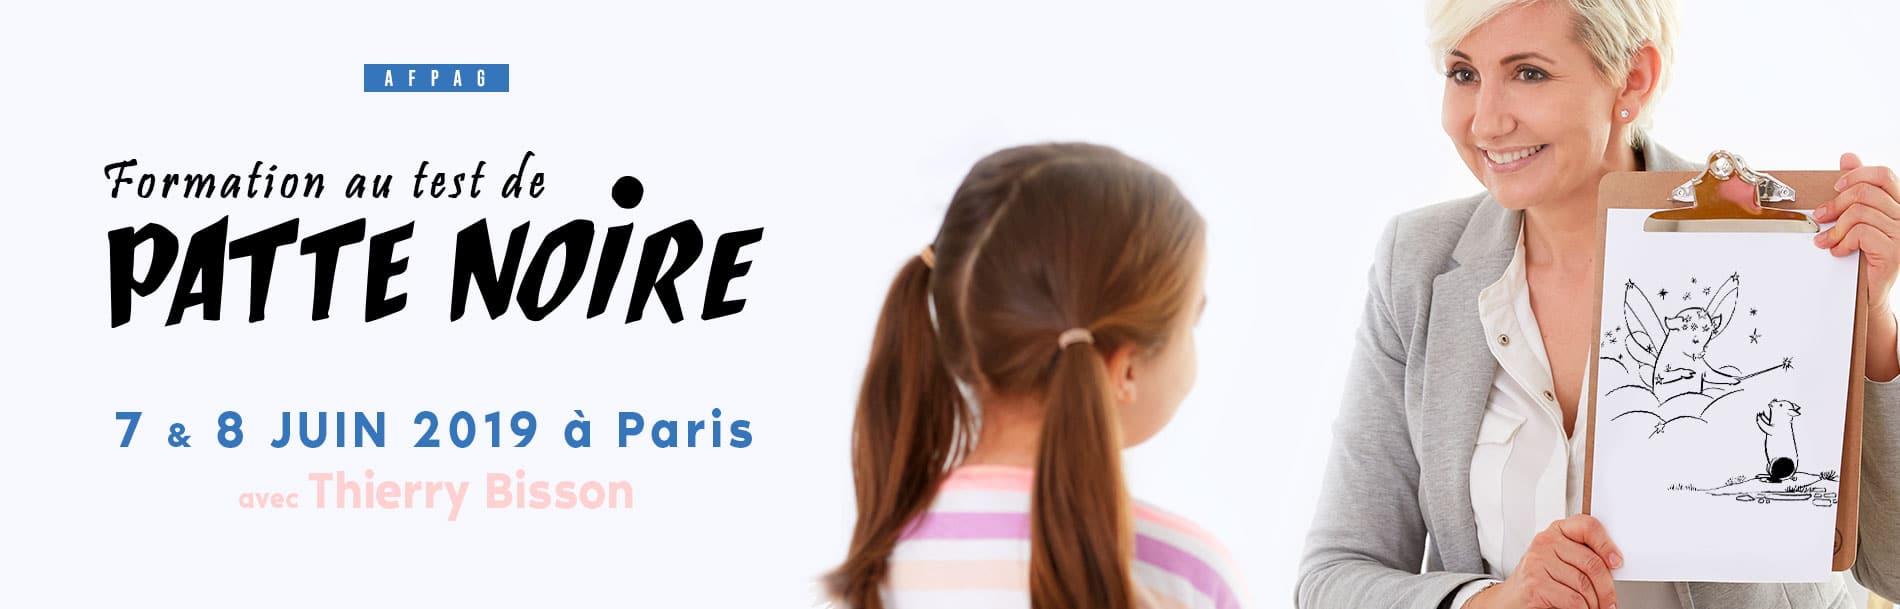 Test Patte Noire Paris